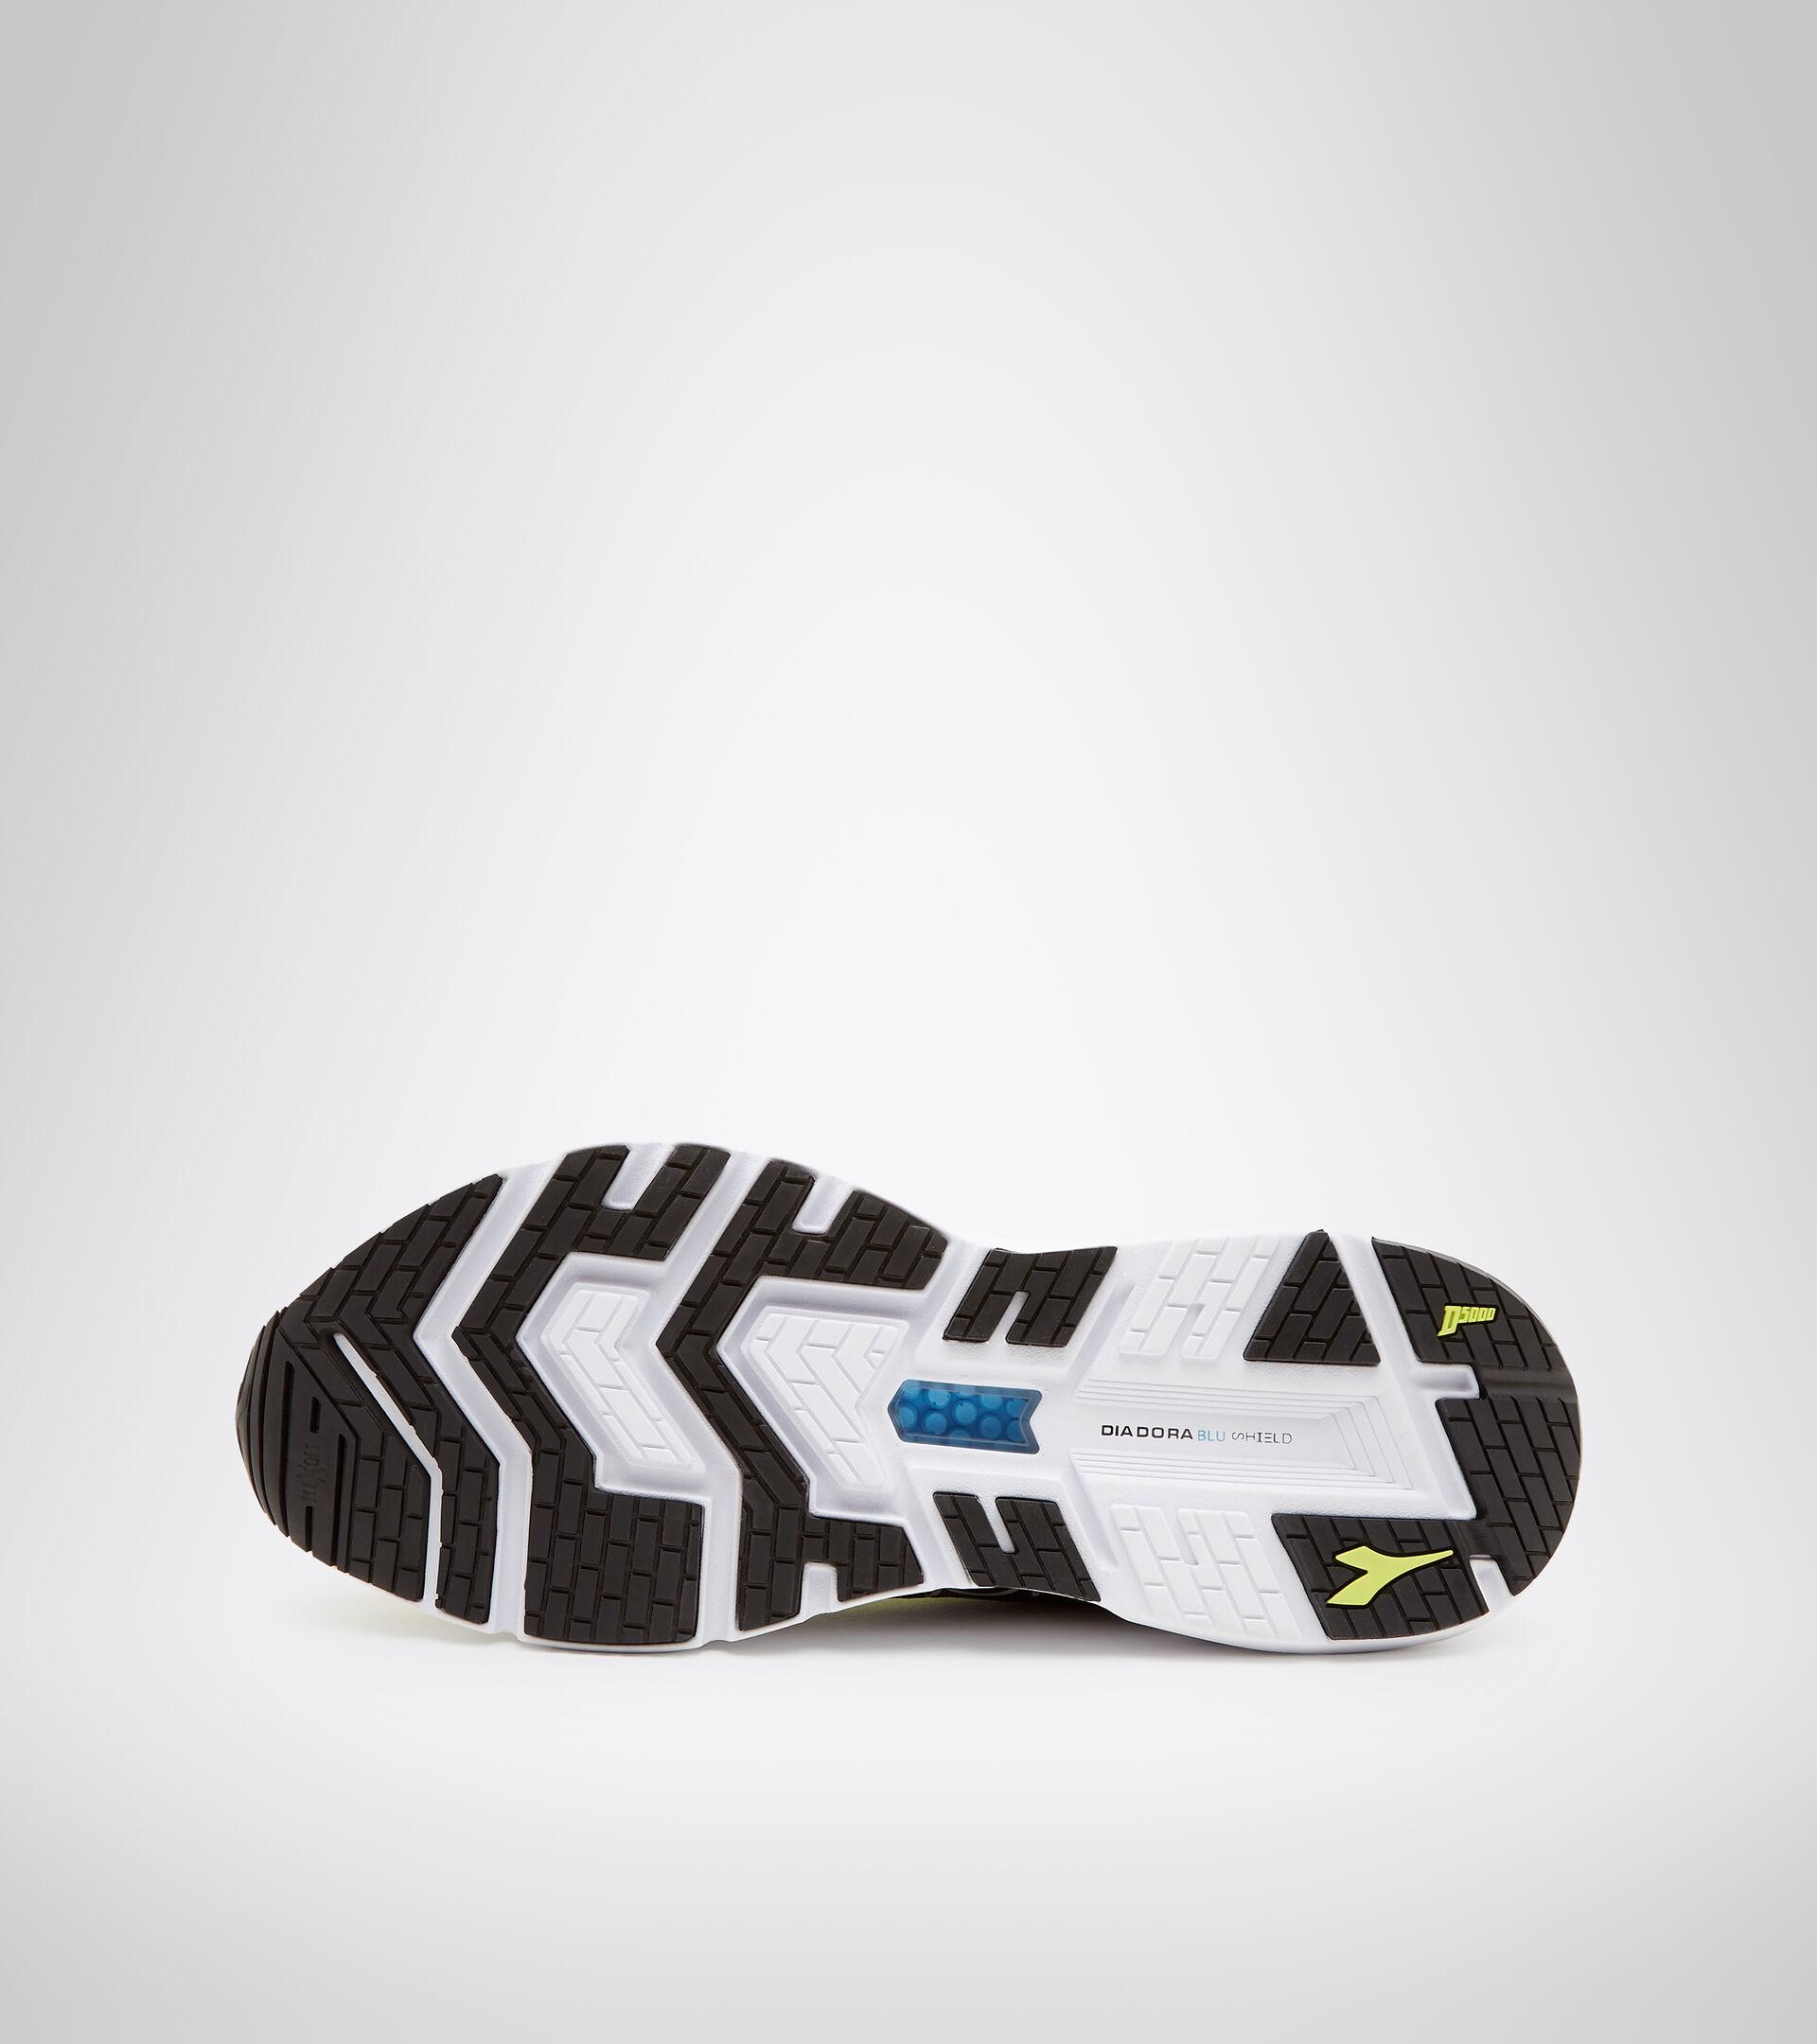 Footwear Sport UOMO MYTHOS BLUSHIELD VOLO VRDE LIMA/MANANTIALES DE SULFU Diadora